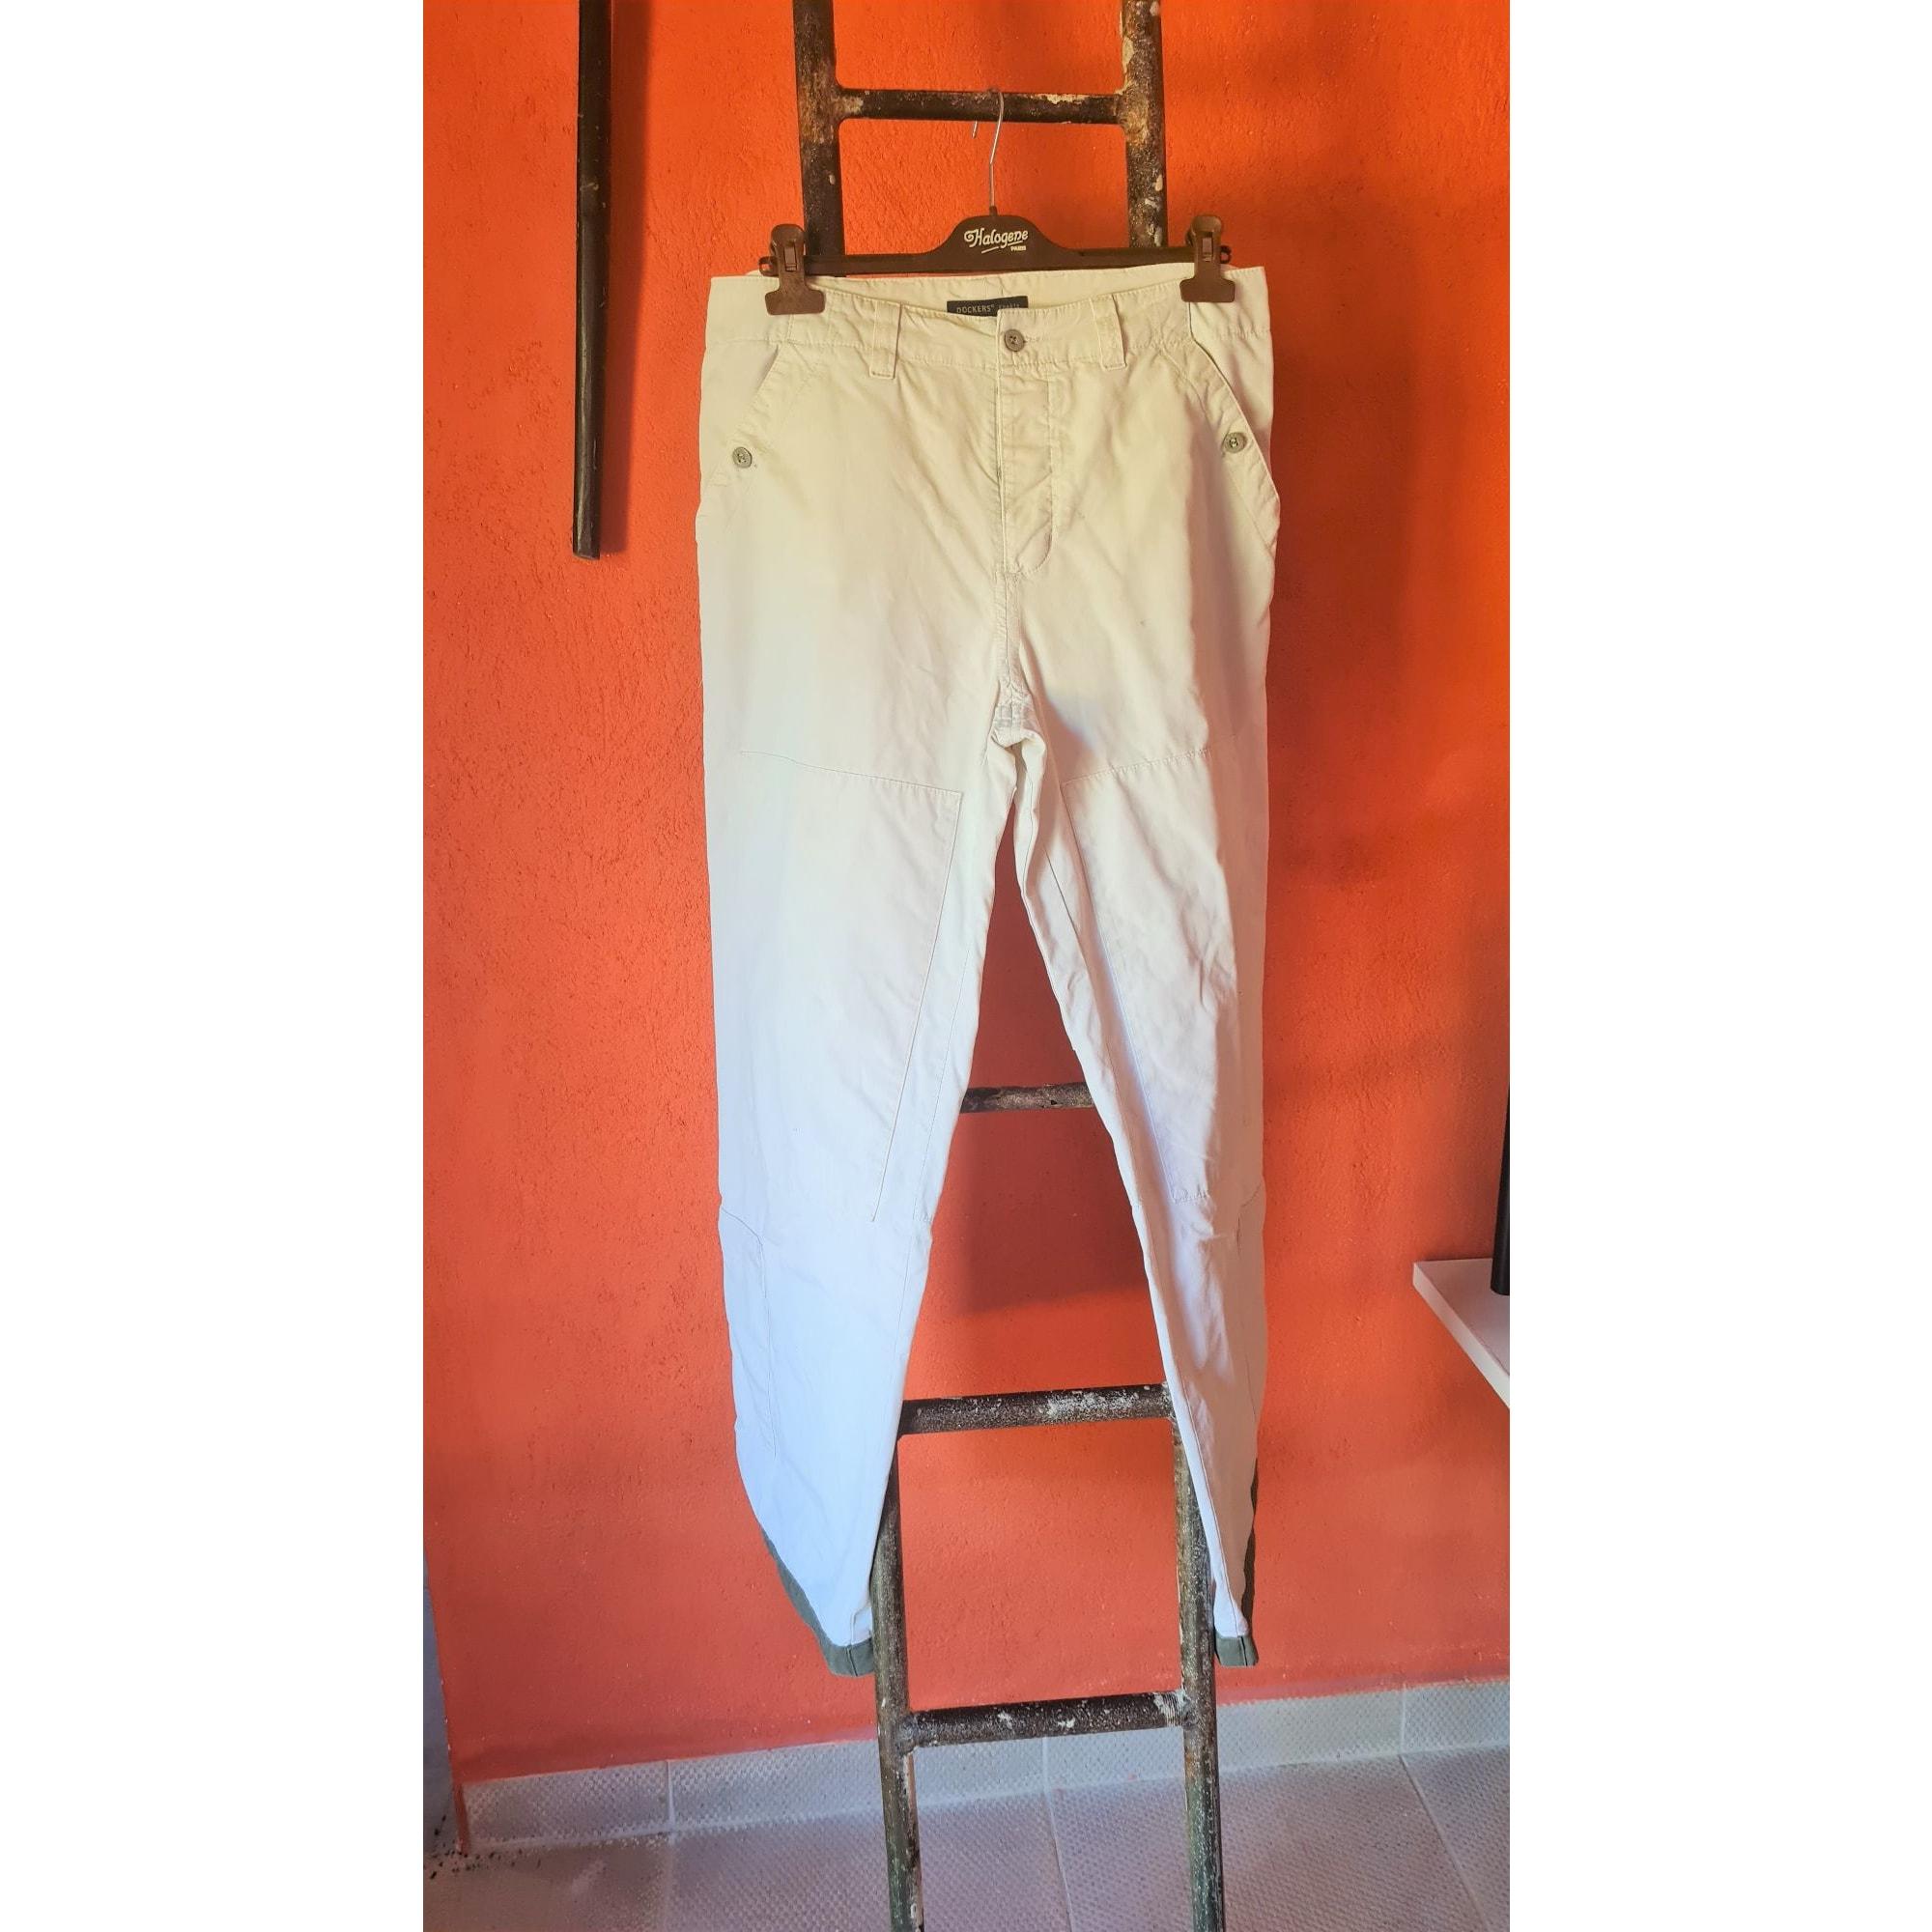 Wide Leg Pants DOCKERS White, off-white, ecru